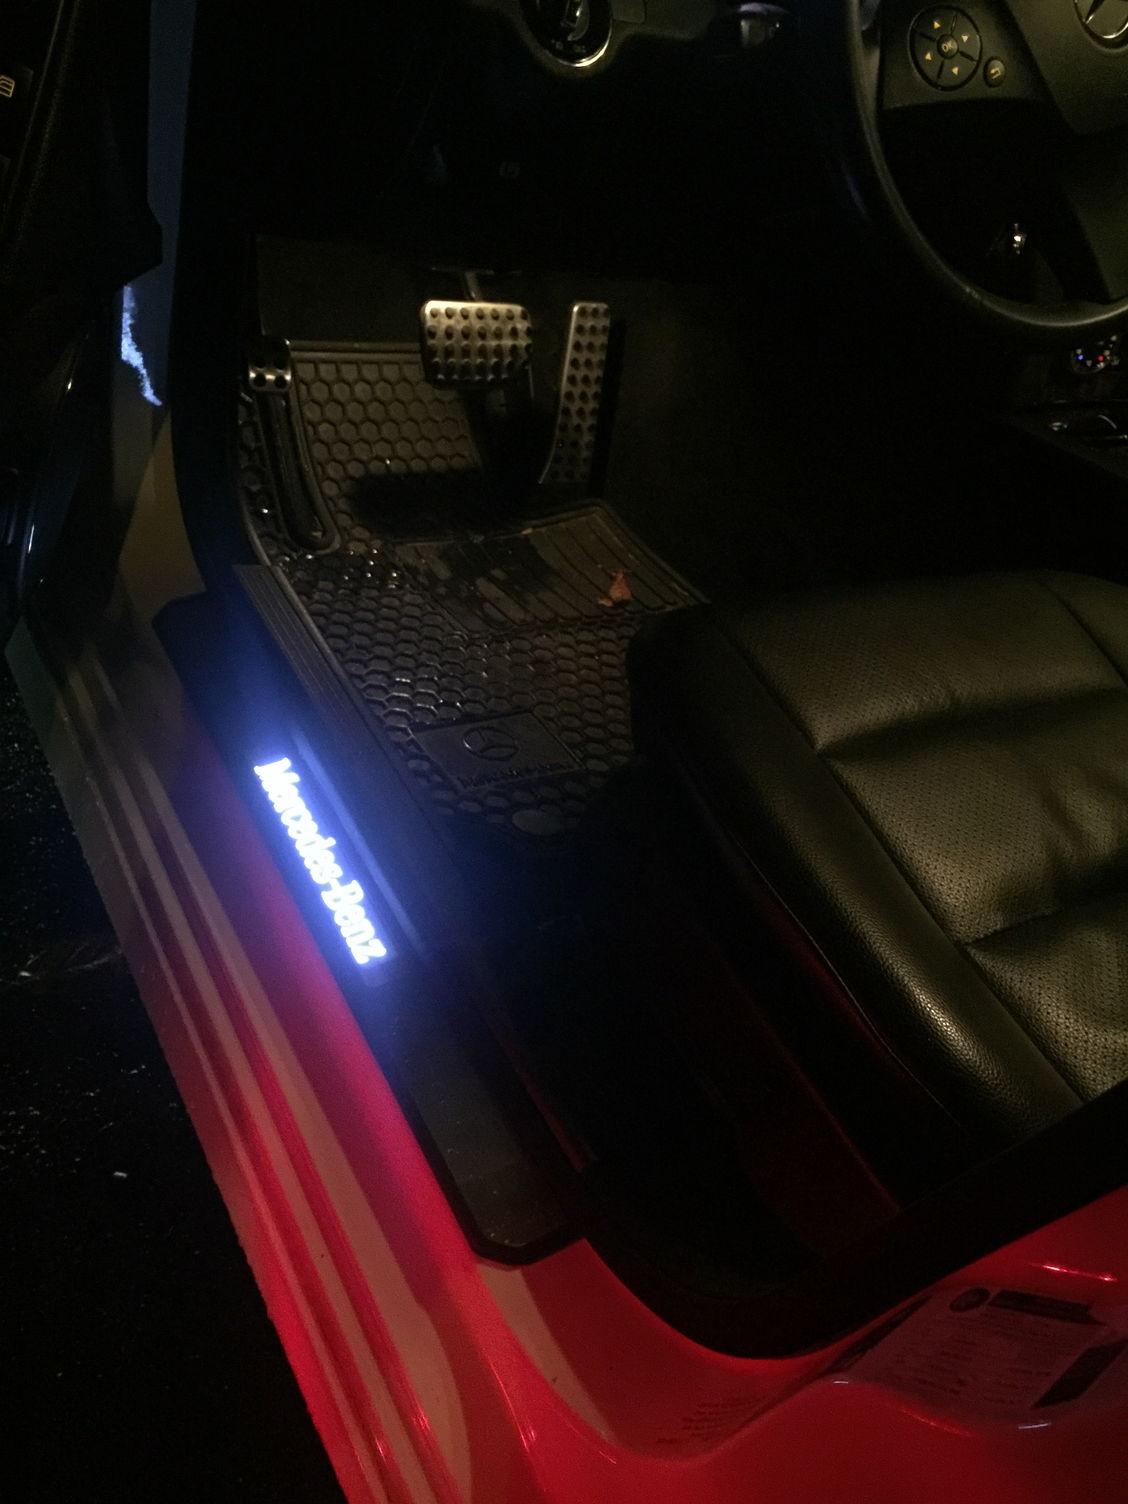 W204 Aftermarket White Door Sill Lights Installed